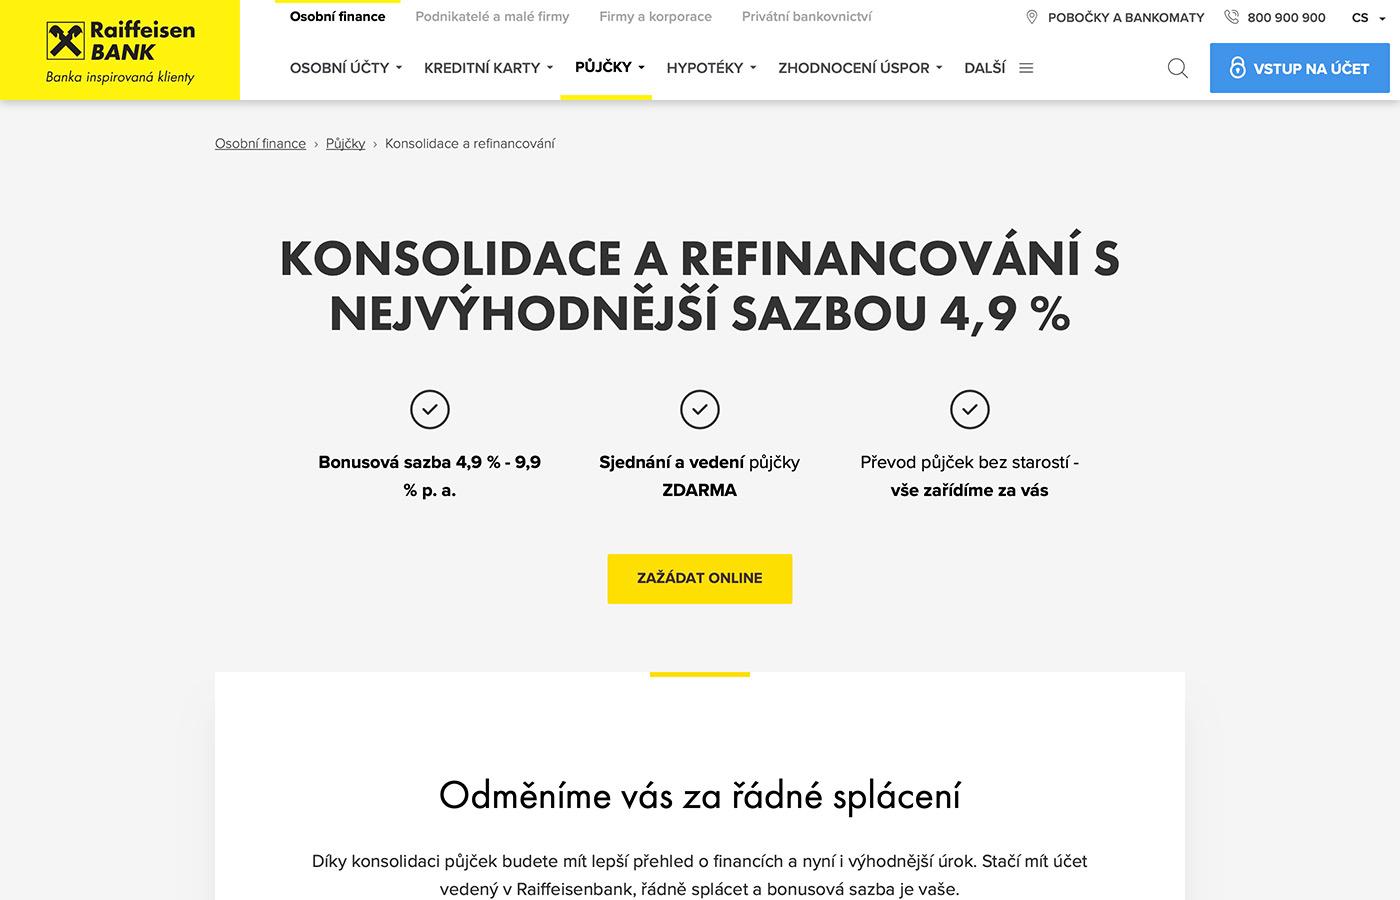 Náhled webových stránek www.rb.cz/osobni/pujcky/prevedeni-a-slouceni-pujcek